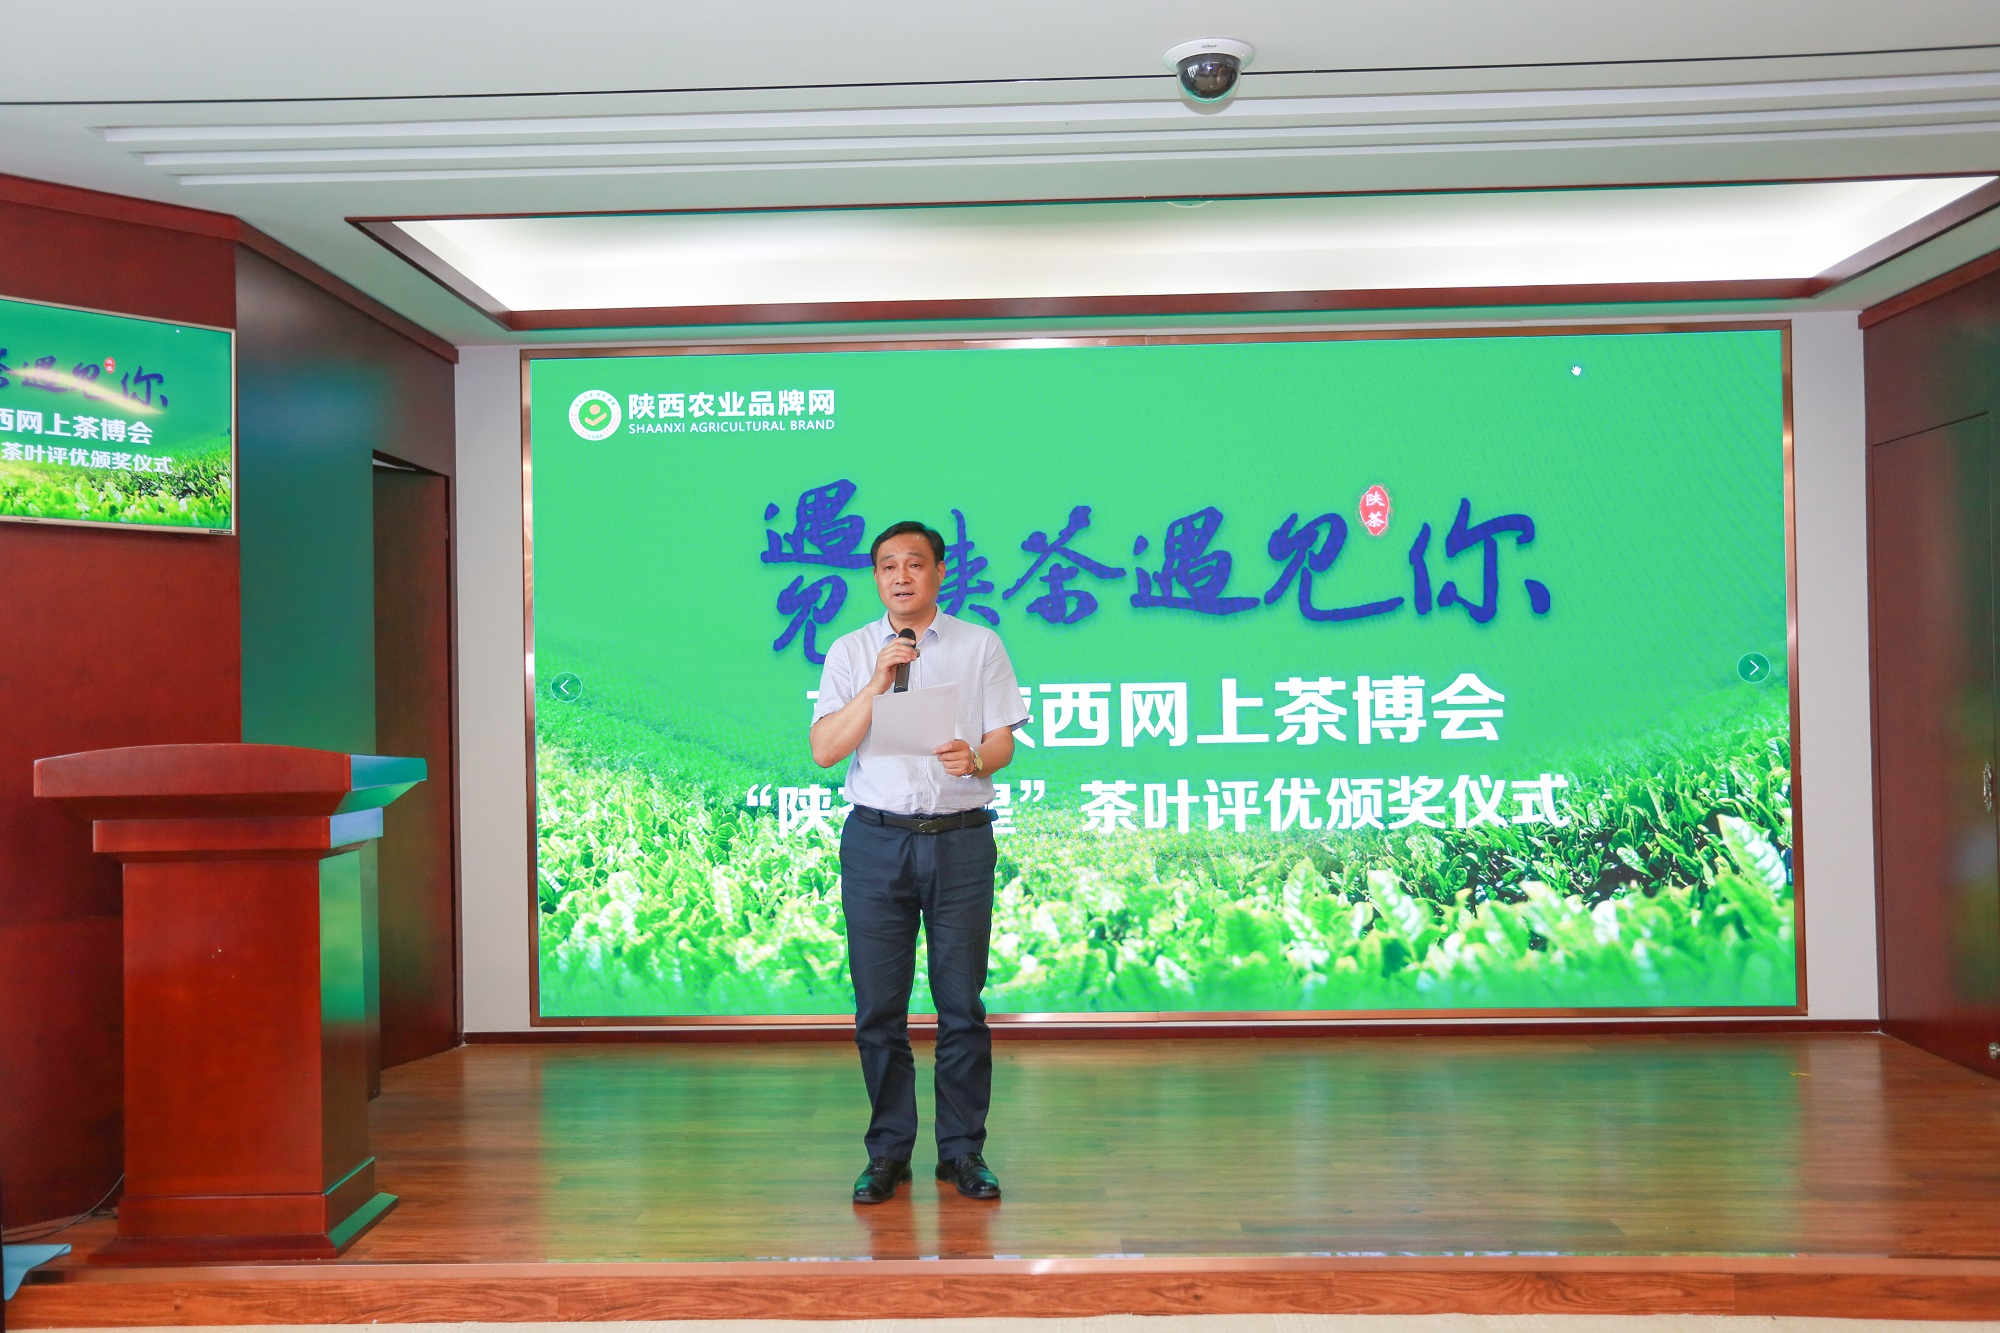 陕西省农产品质量安全中心程晓东宣布获奖名单